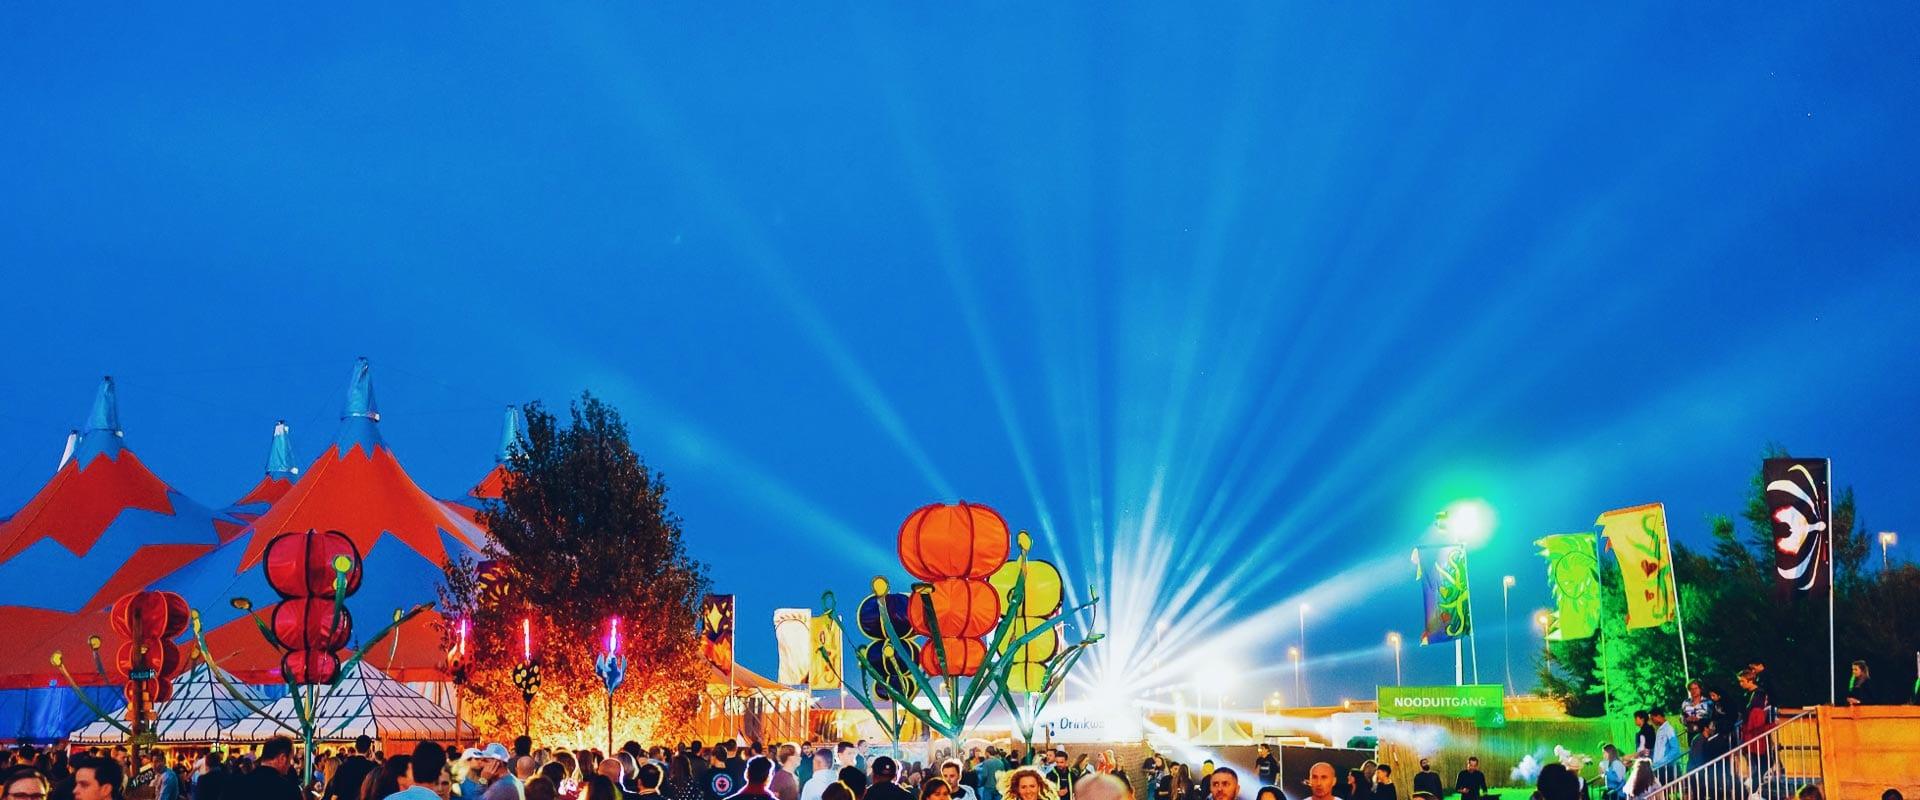 Dockyard & Mystic Garden Festival